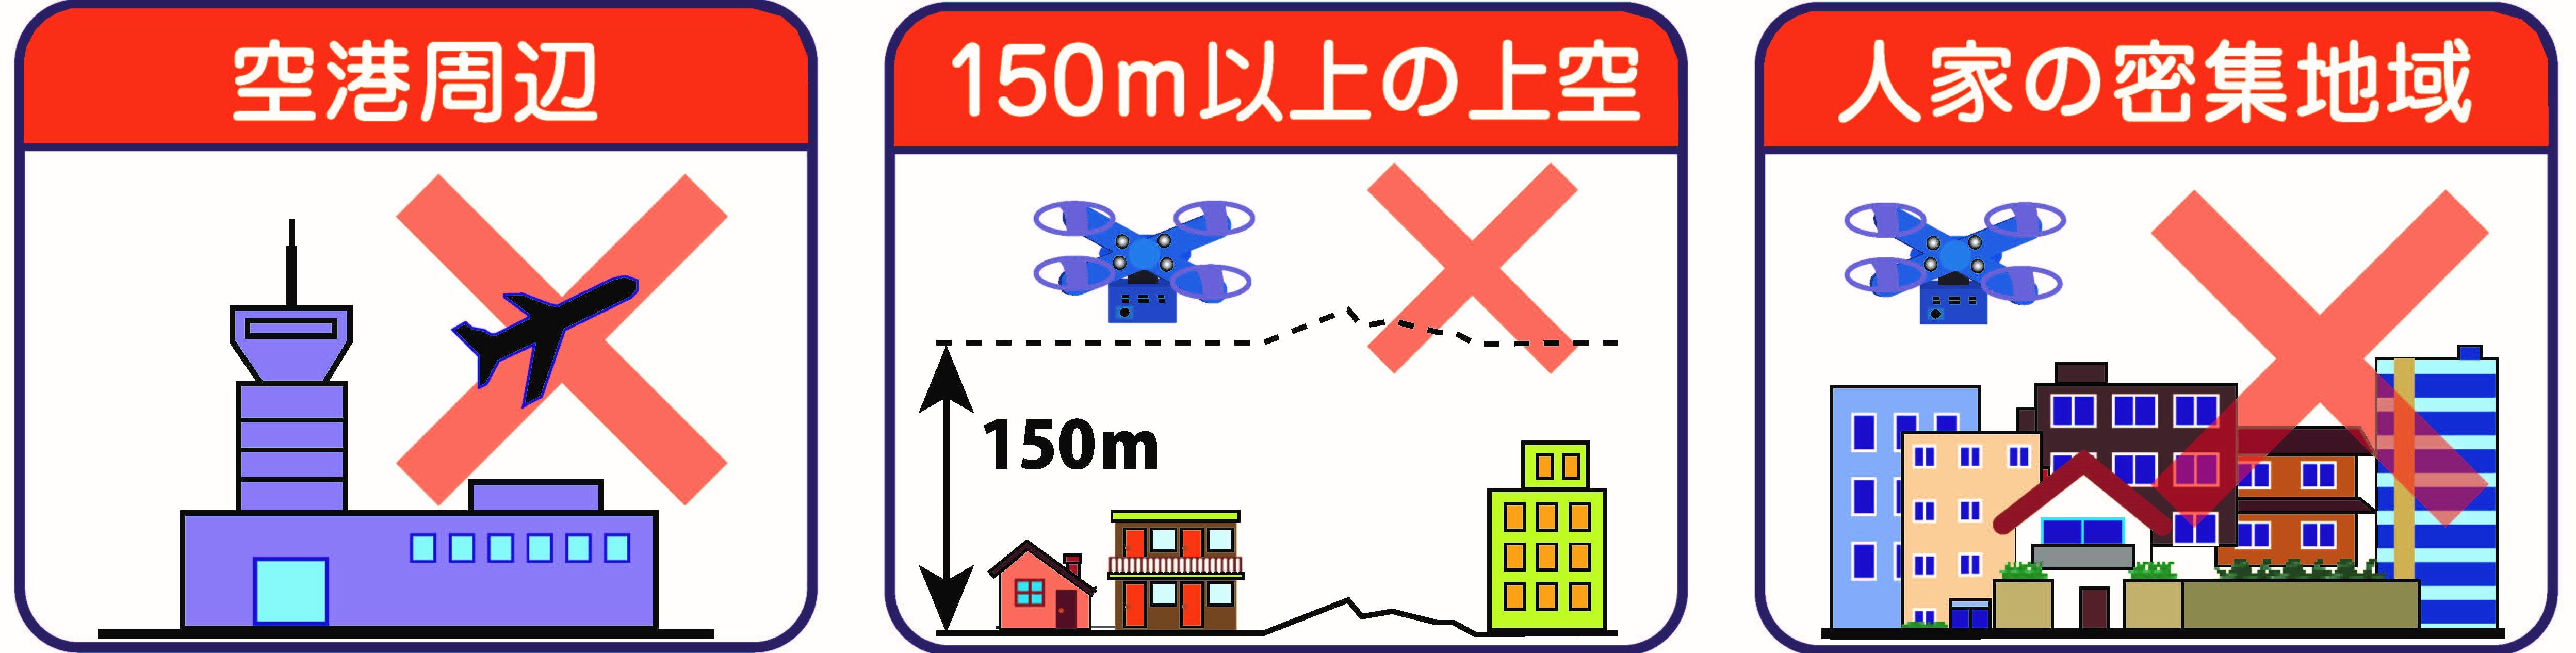 禁止されている飛行の場所